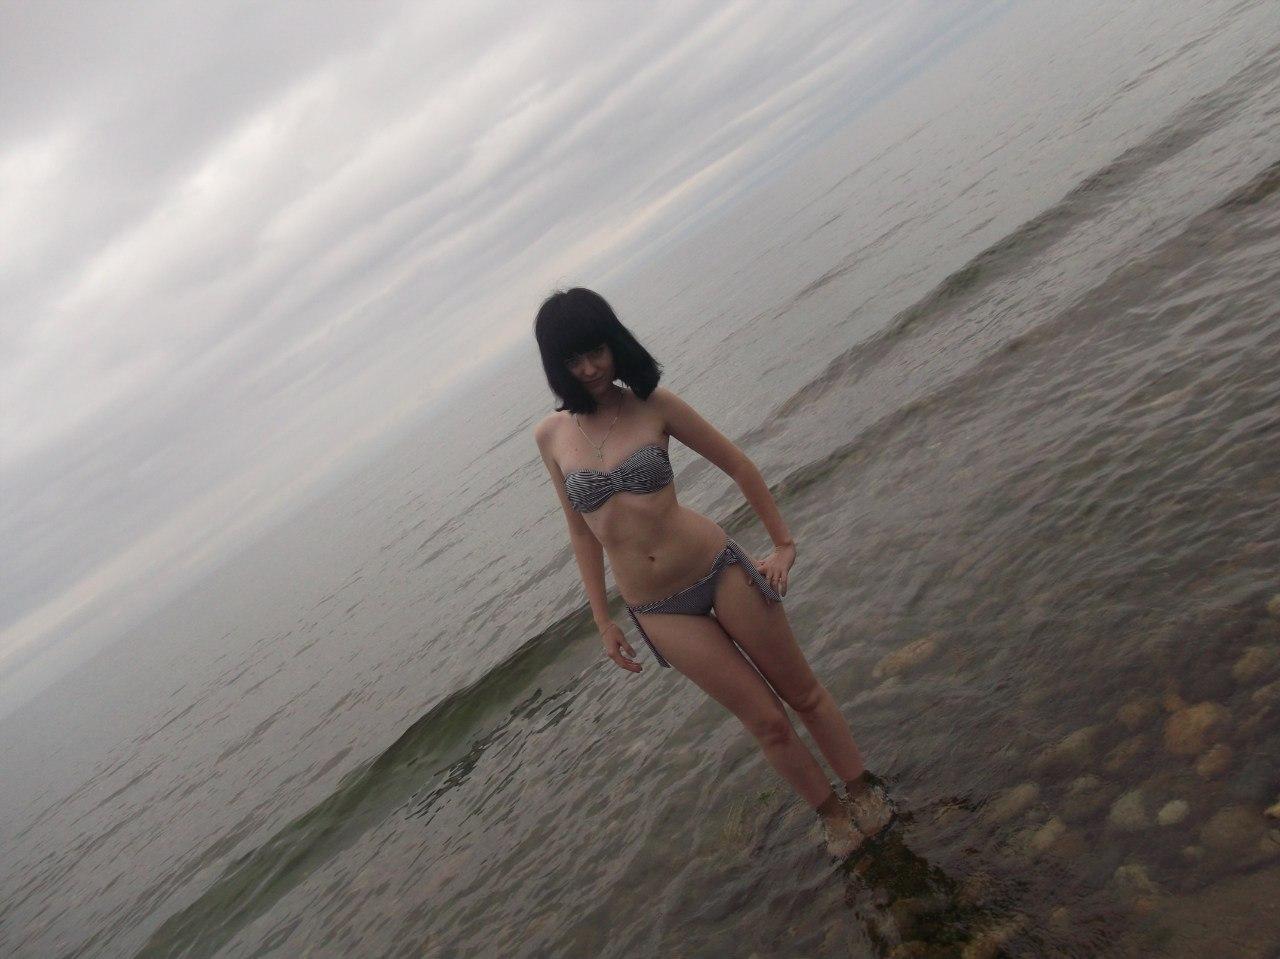 Смотреть фото голых девушек бесплатно без регистрации мурманских 23 фотография